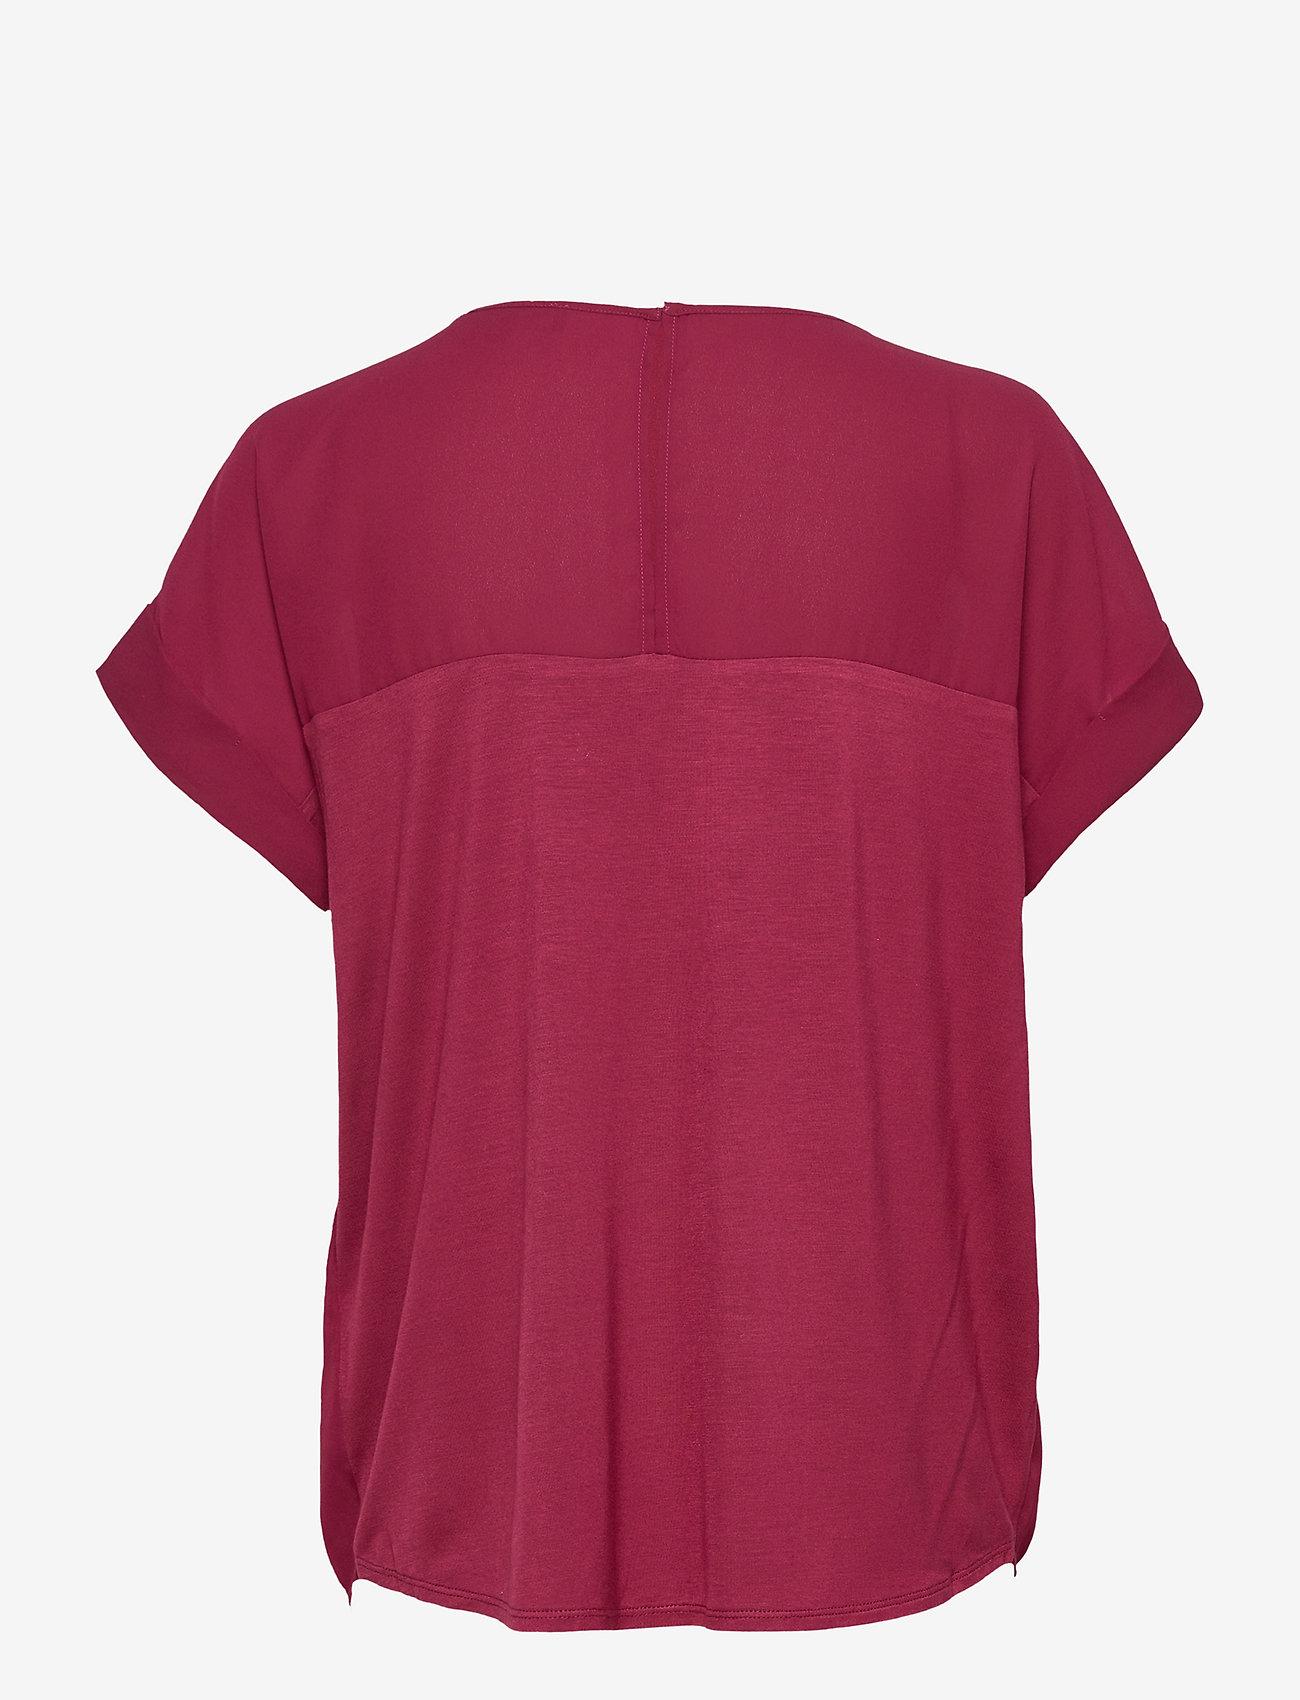 Ilse Jacobsen - BLOUSE - blouses à manches courtes - currents - 1